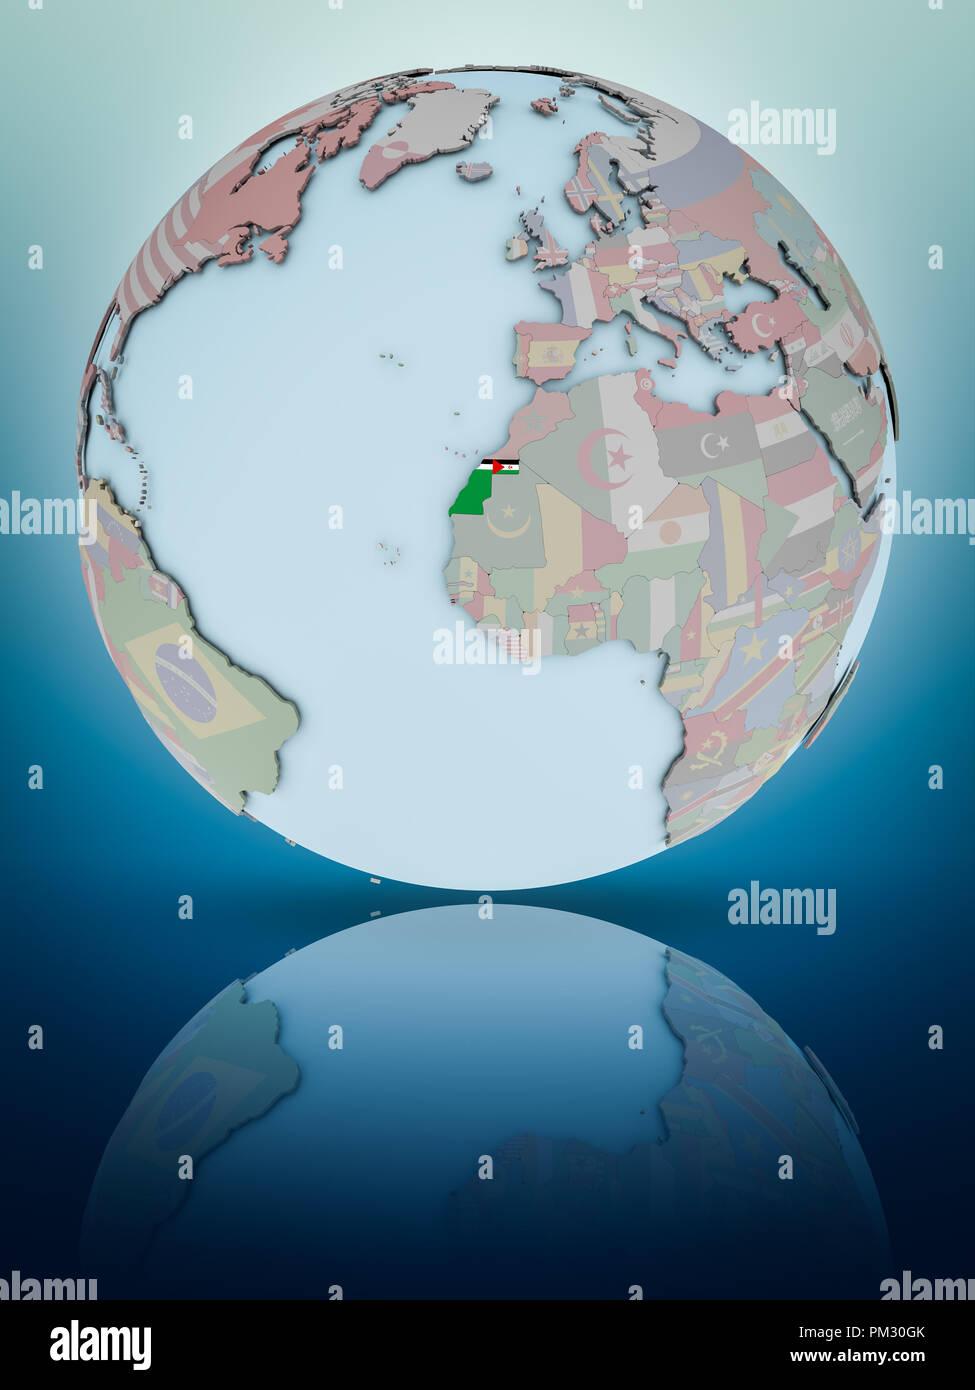 Western Sahara with national flag on globe reflecting on shiny surface. 3D illustration. Stock Photo